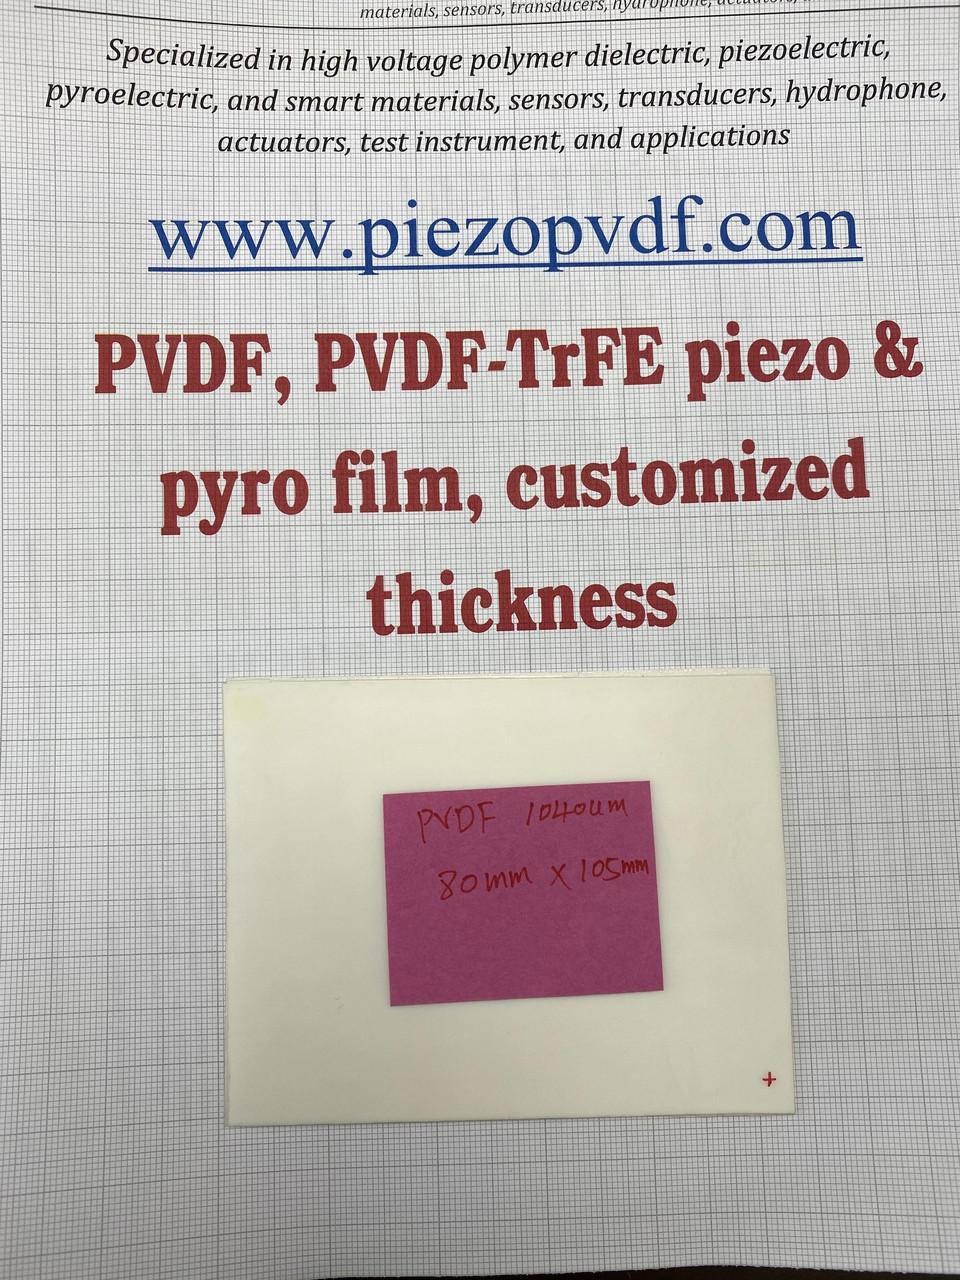 PVDF poled piezoelectric film, hydrophone, 1040 um thick